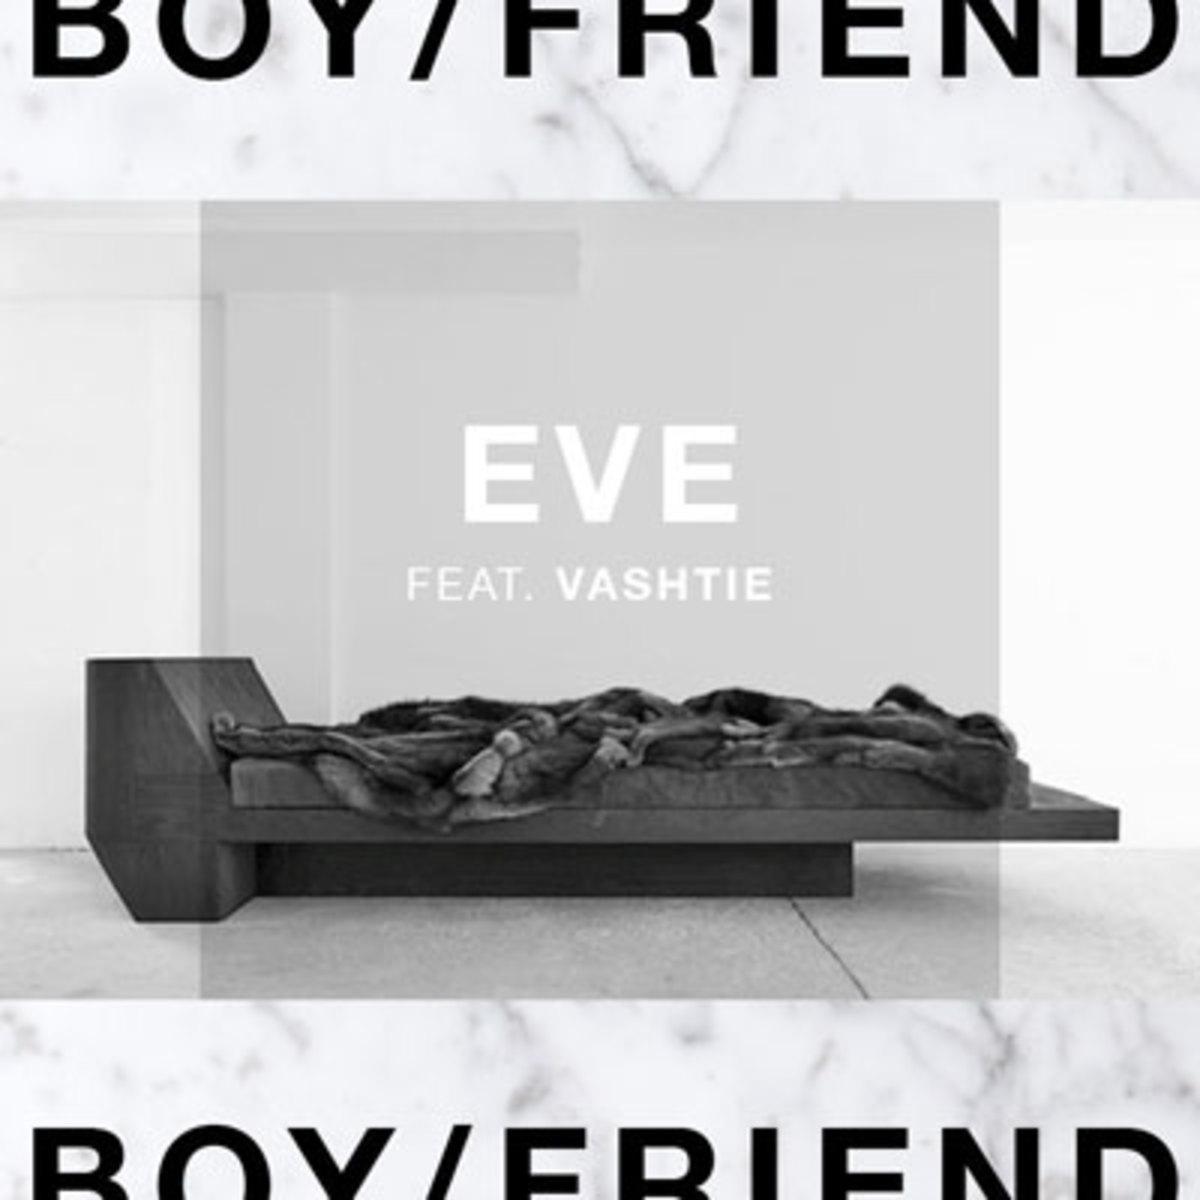 boyfriend-eve.jpg